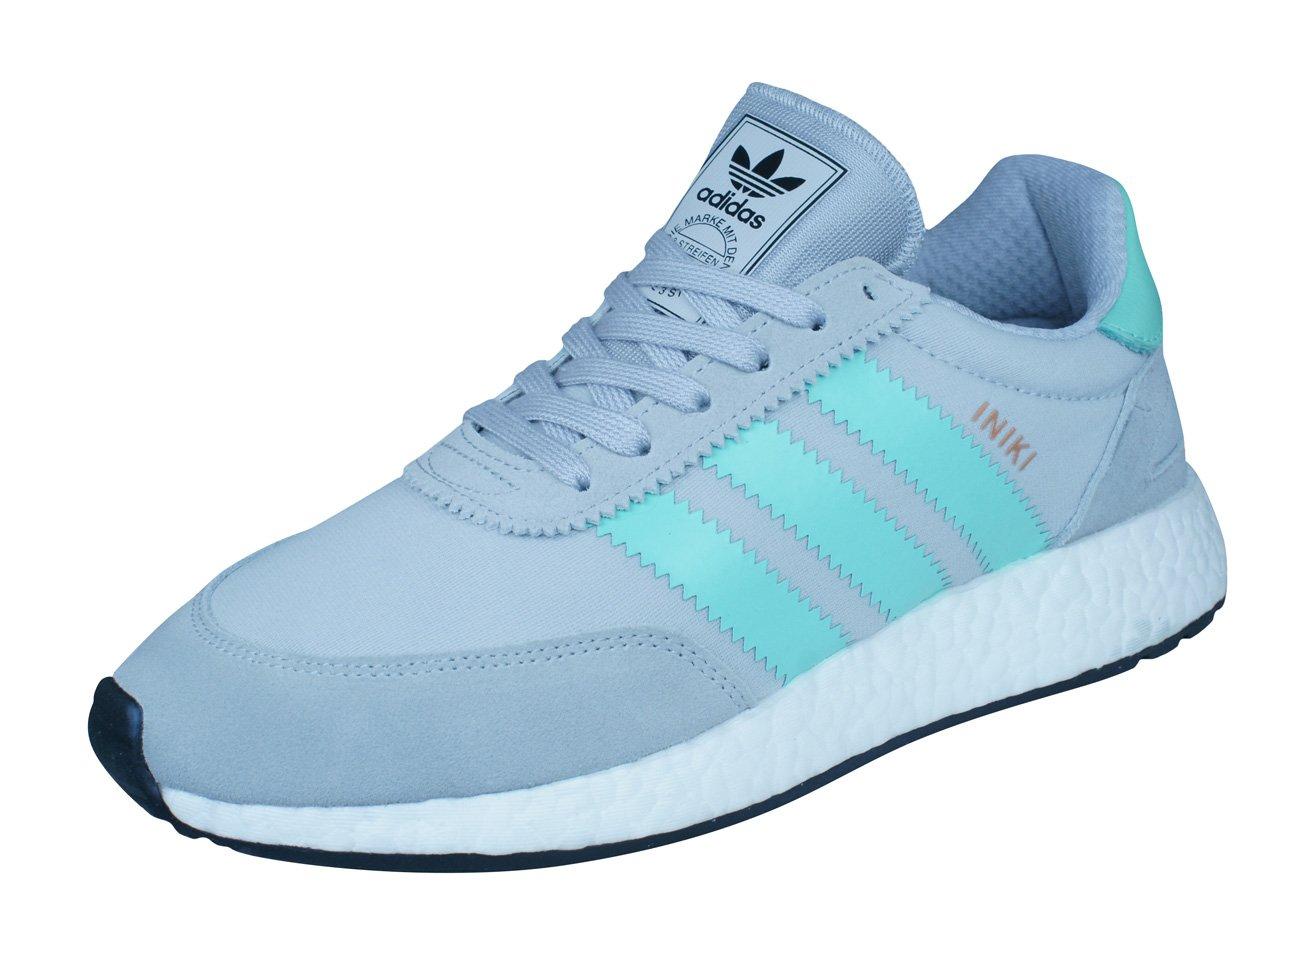 Adidas Originals Iniki Runner I-5923 Zapatillas de Deporte de los Hombres 40 EU|Grey